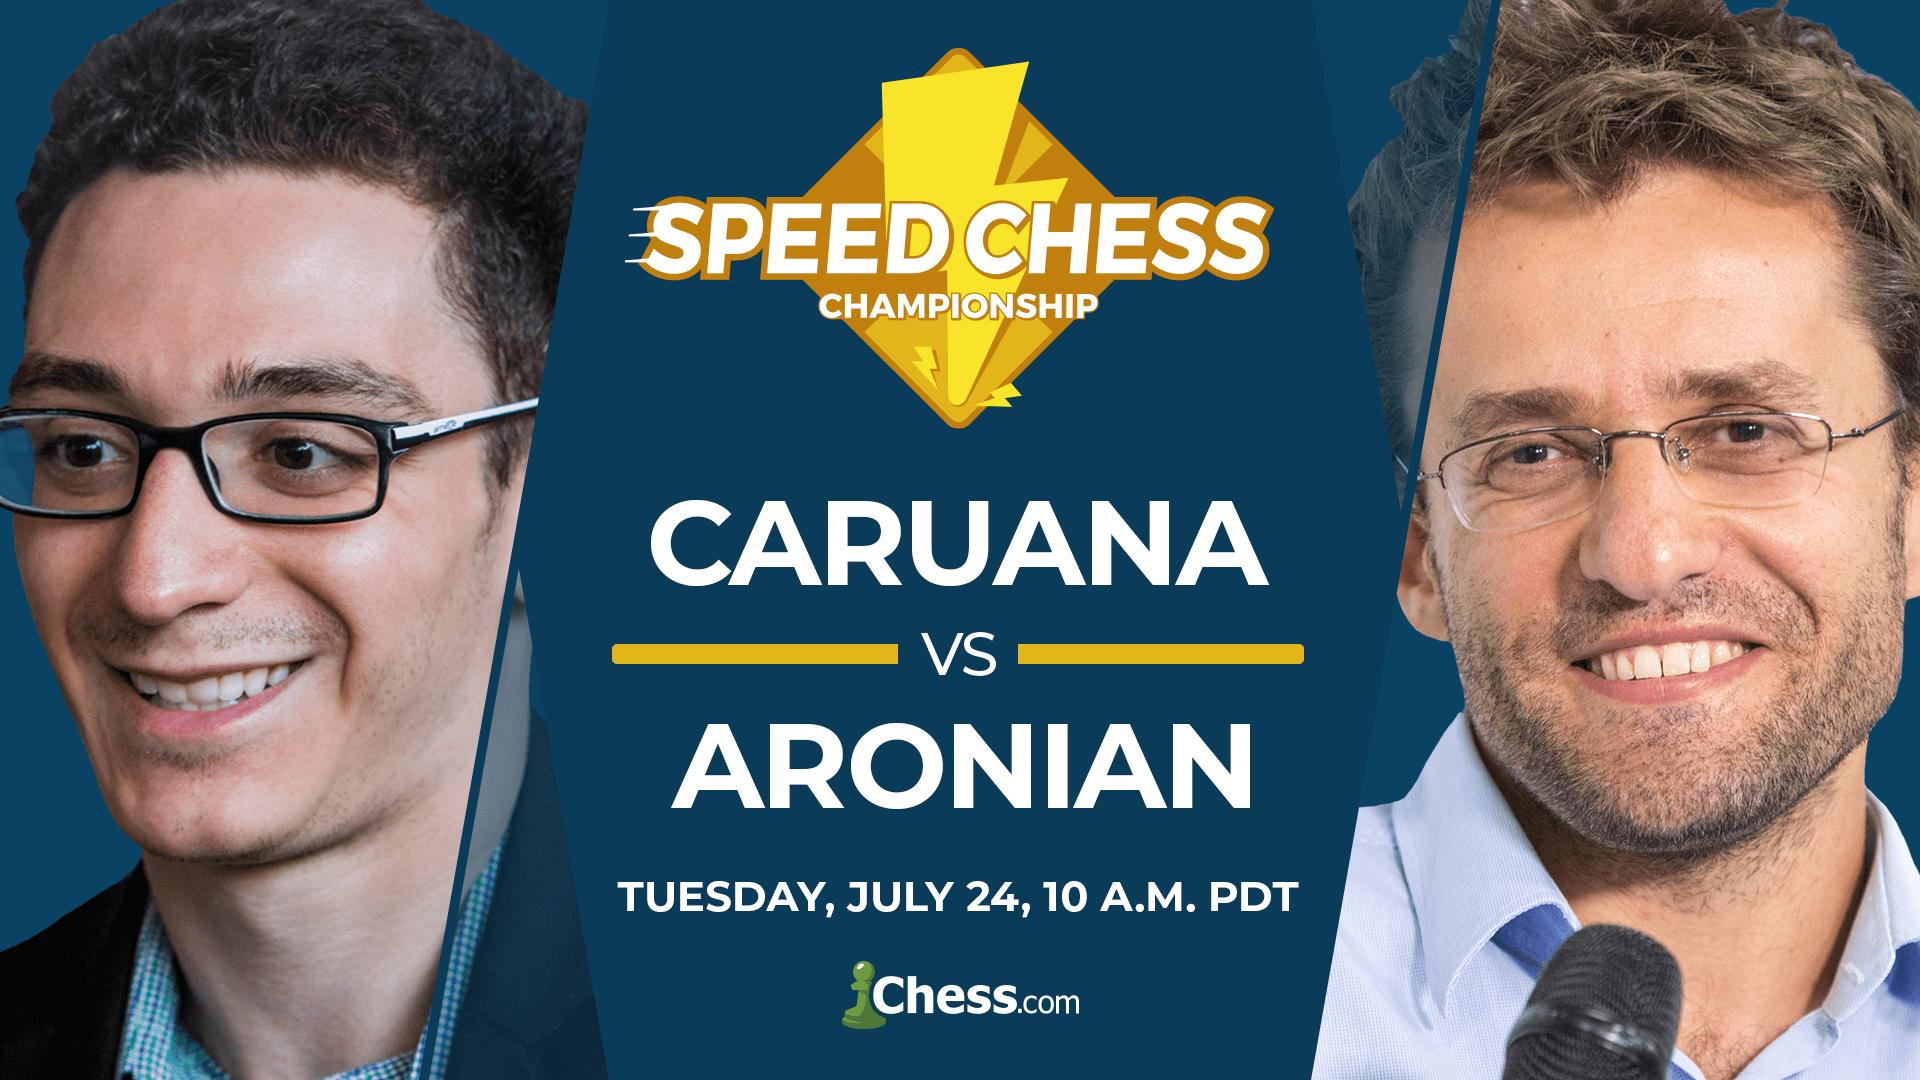 caruana vs aronian speed chess